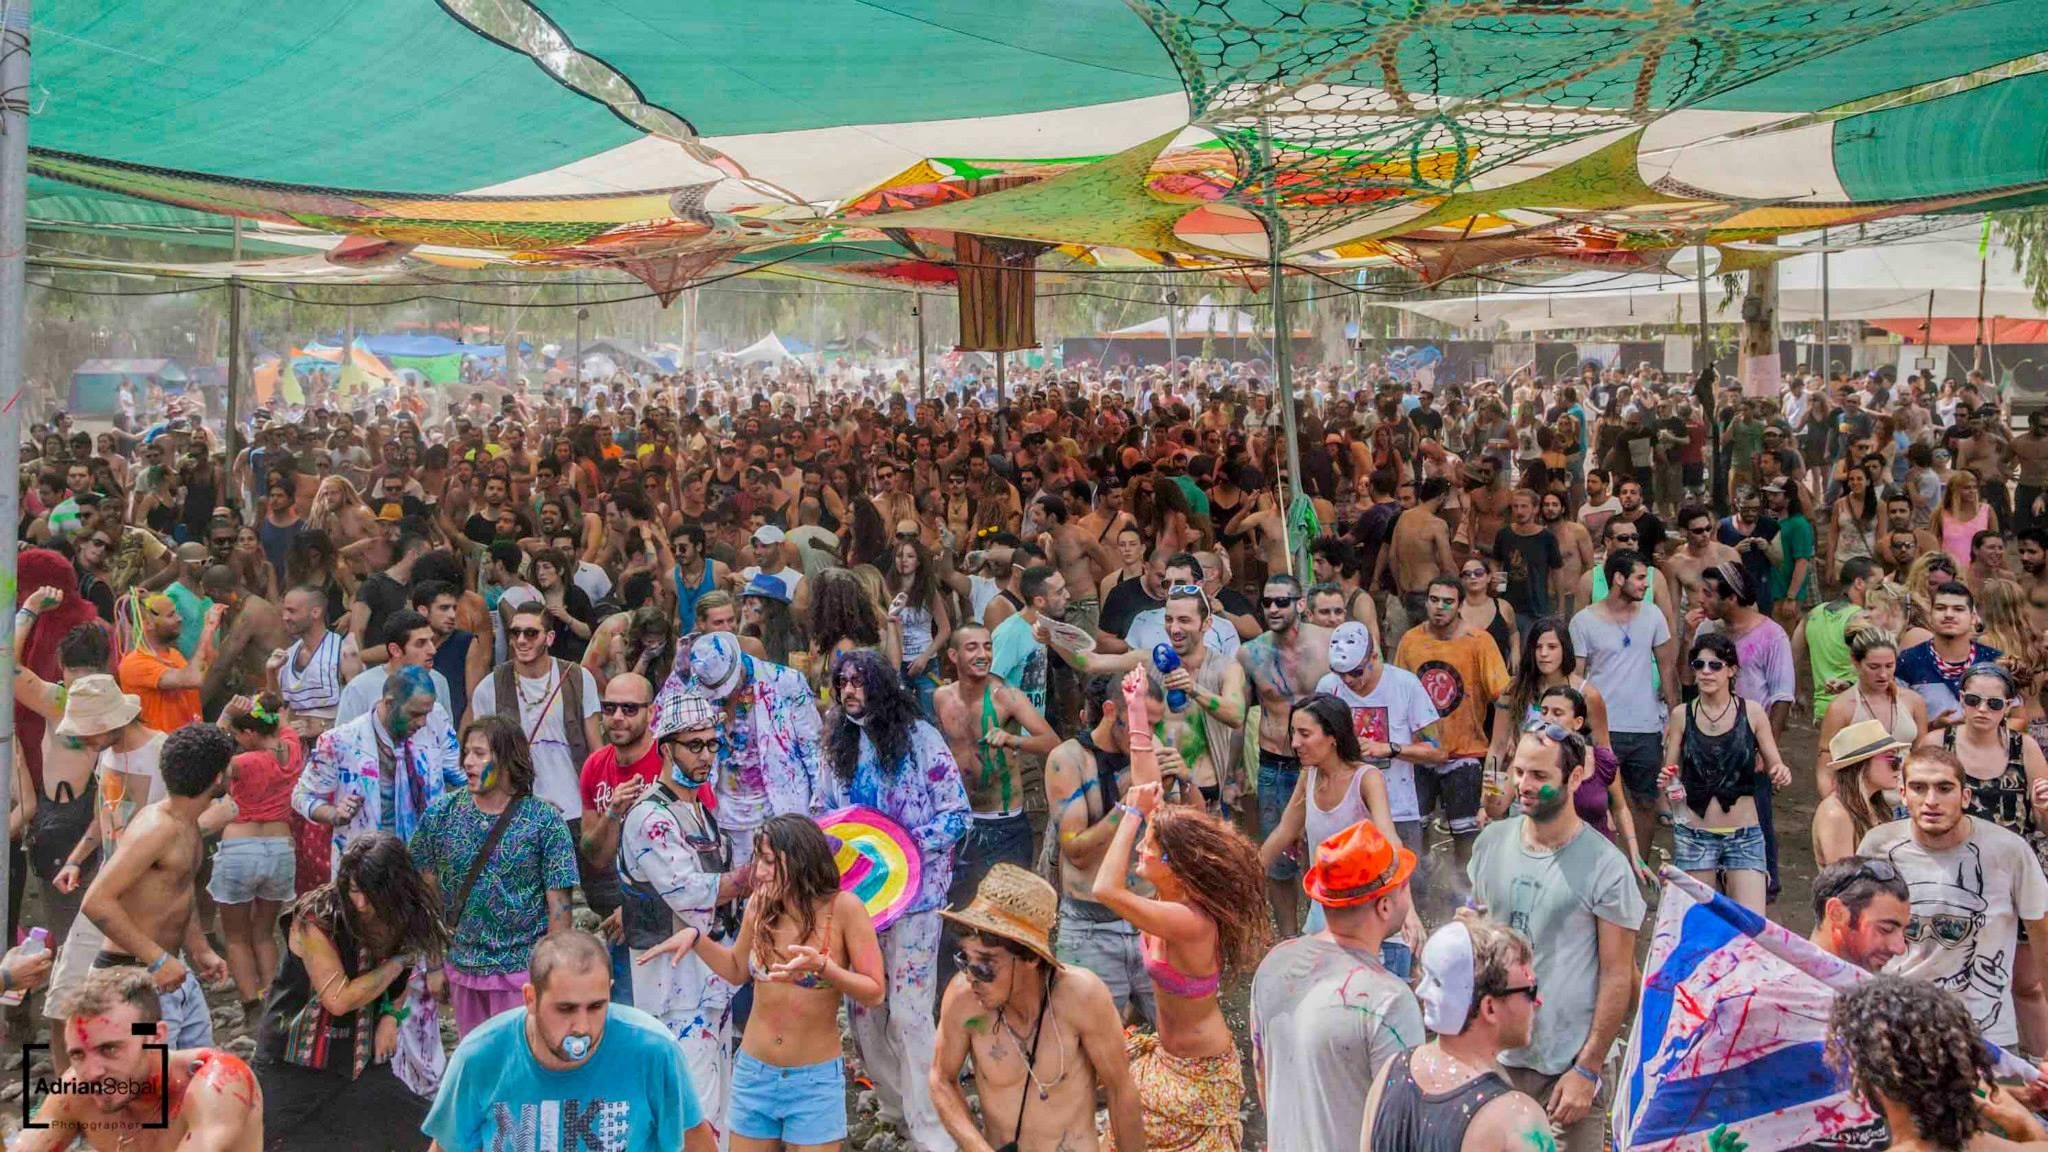 פסטיבל דוף, צילום אדריאן סבאל.